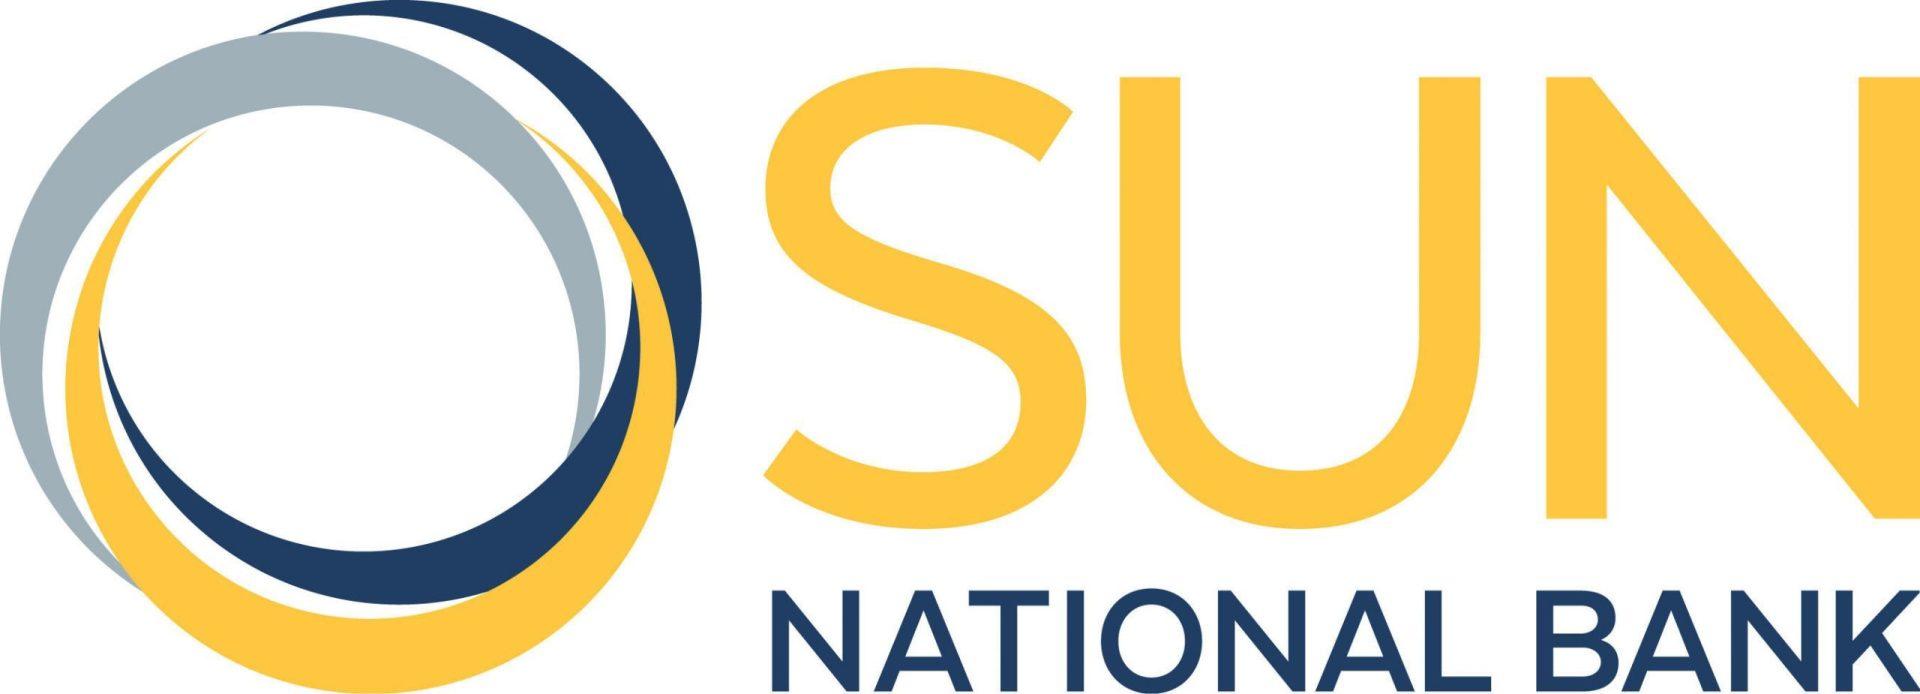 Sun National Bank